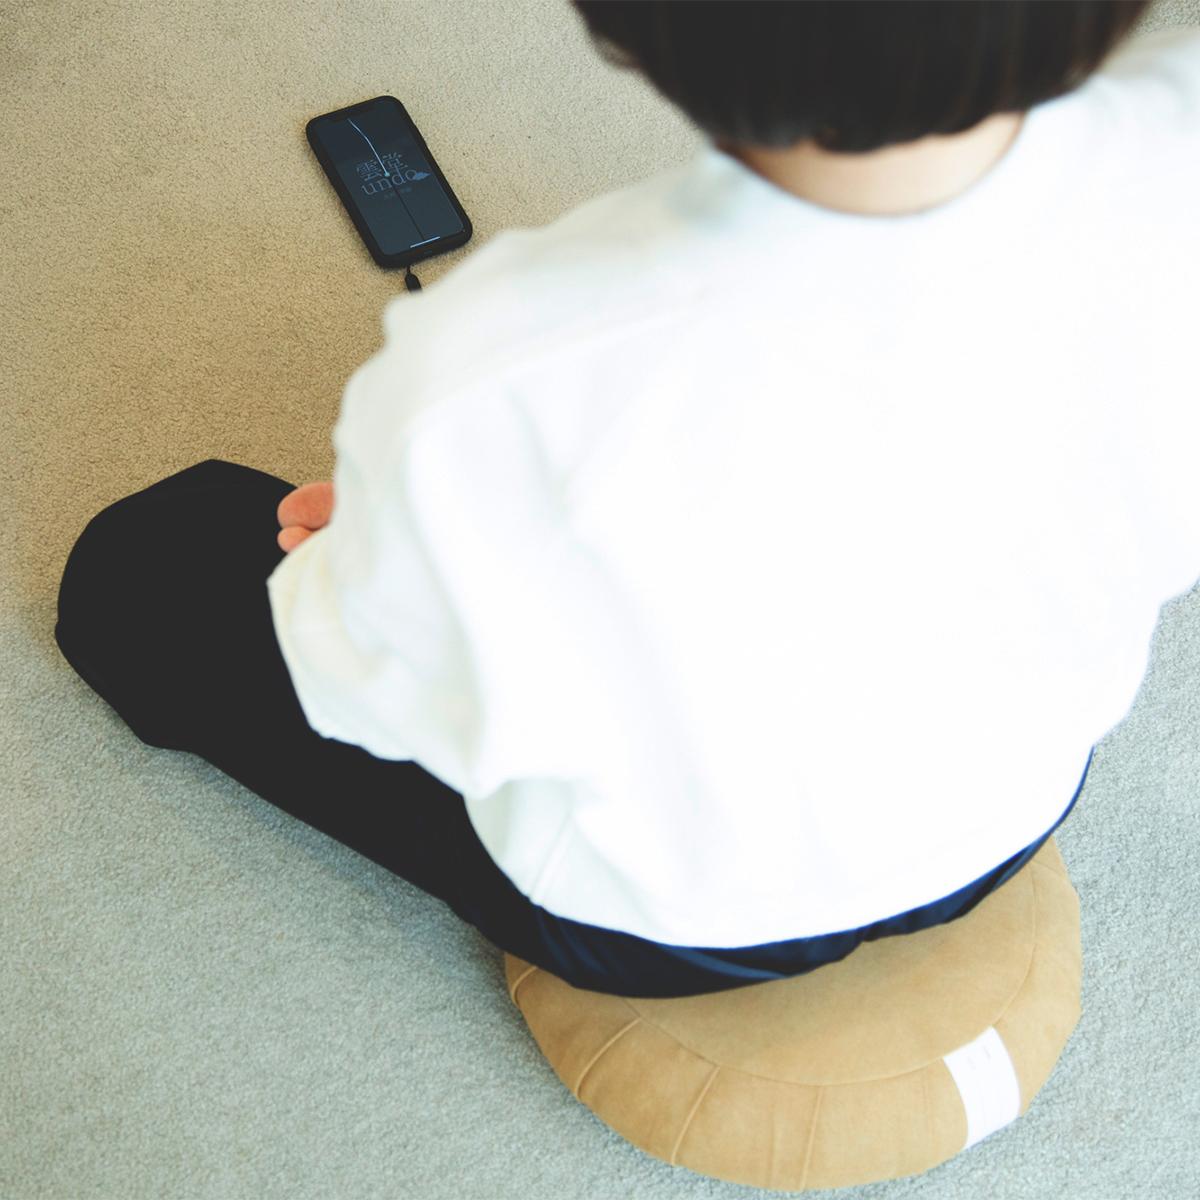 リビングでオフィスで、禅寺の臨場感を味わえるアプリ「雲堂(undo)」を使ったマインドフルネス習慣。坐禅蒲団(坐蒲)・瞑想用クッション| ZAF(ザフ)